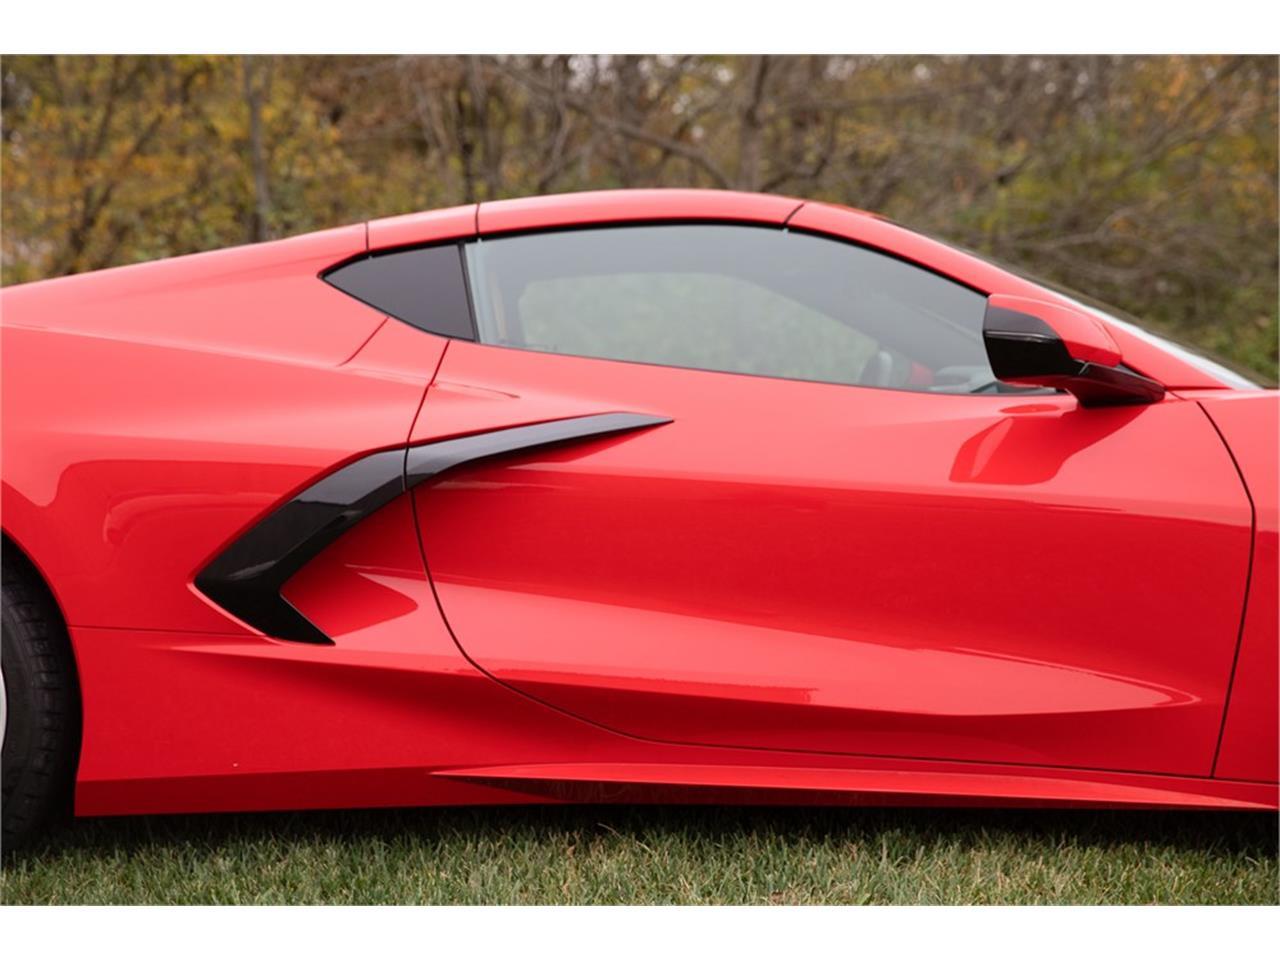 2020 Chevrolet Corvette (CC-1418041) for sale in Weldon Spring, Missouri